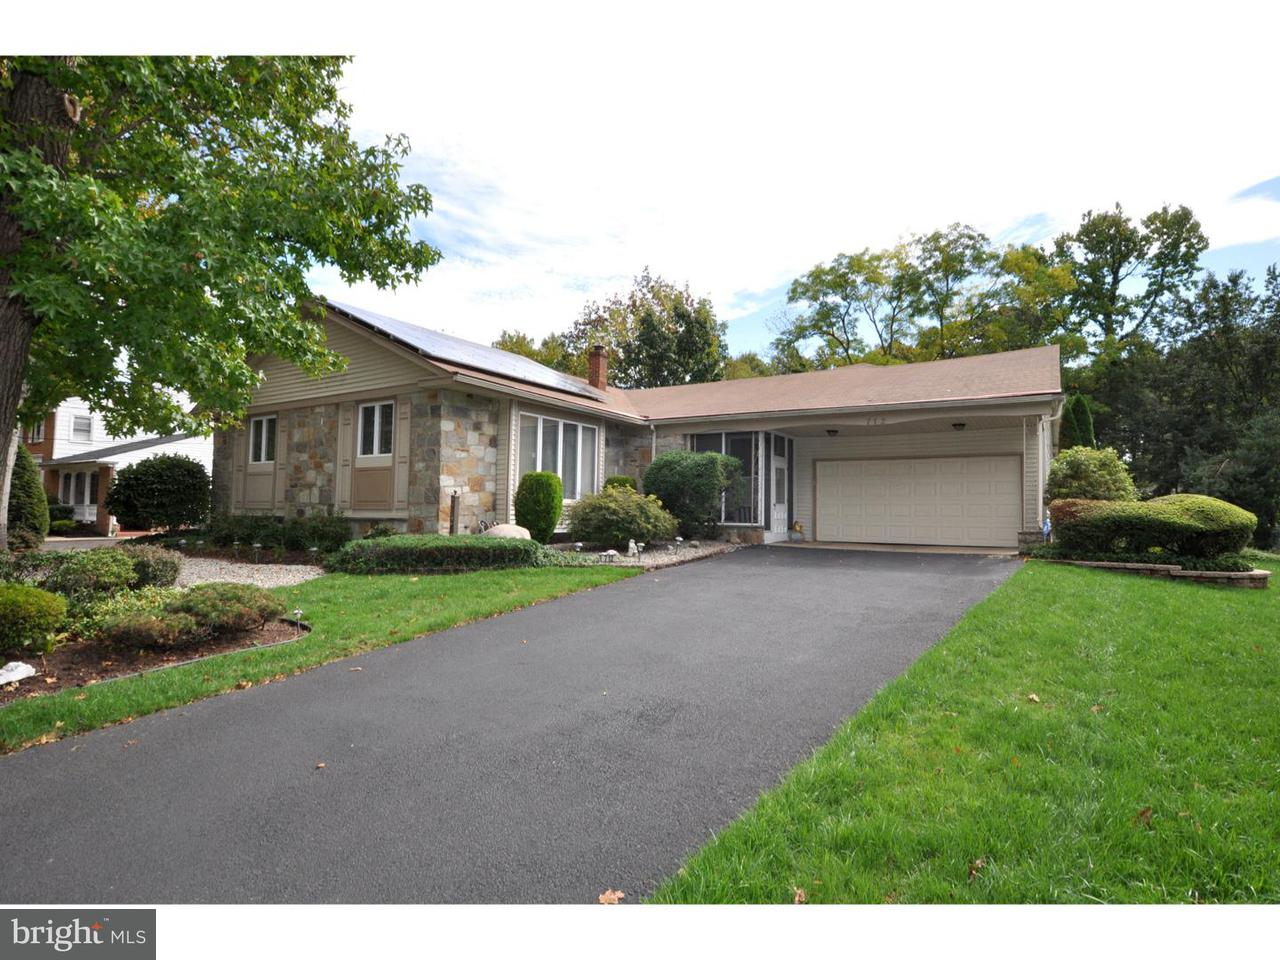 Einfamilienhaus für Verkauf beim 712 FOXCROFT Drive Cinnaminson Township, New Jersey 08077 Vereinigte Staaten